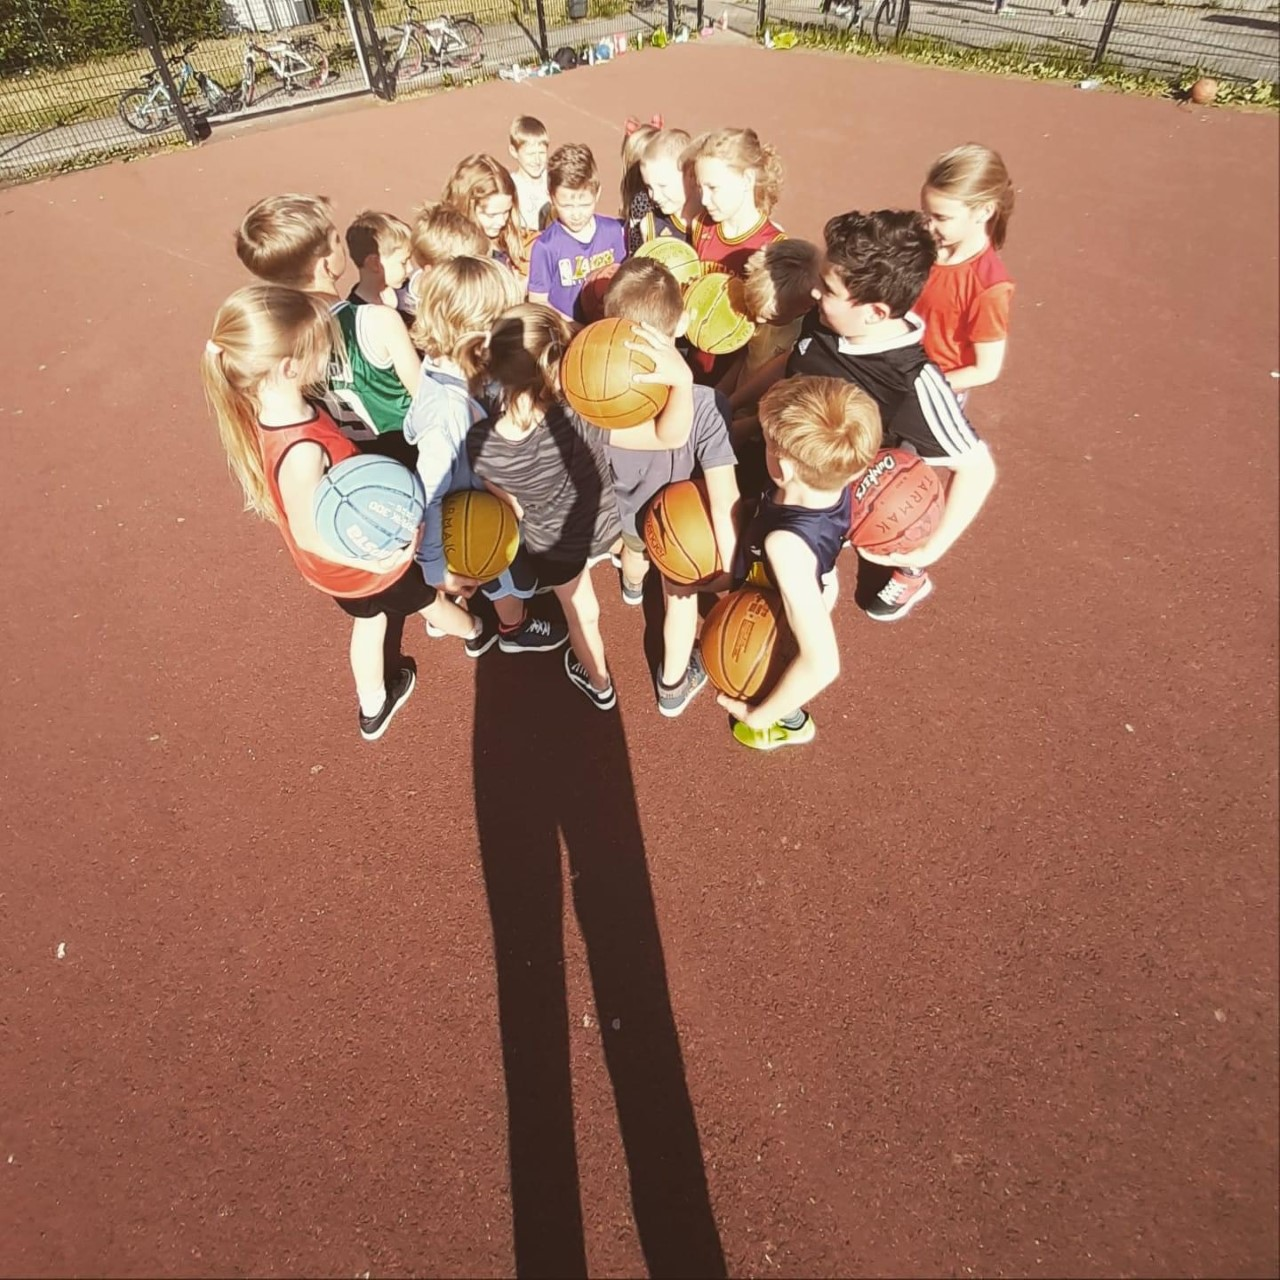 Basketbal? Binnen en buiten mogelijk voor jong en oud